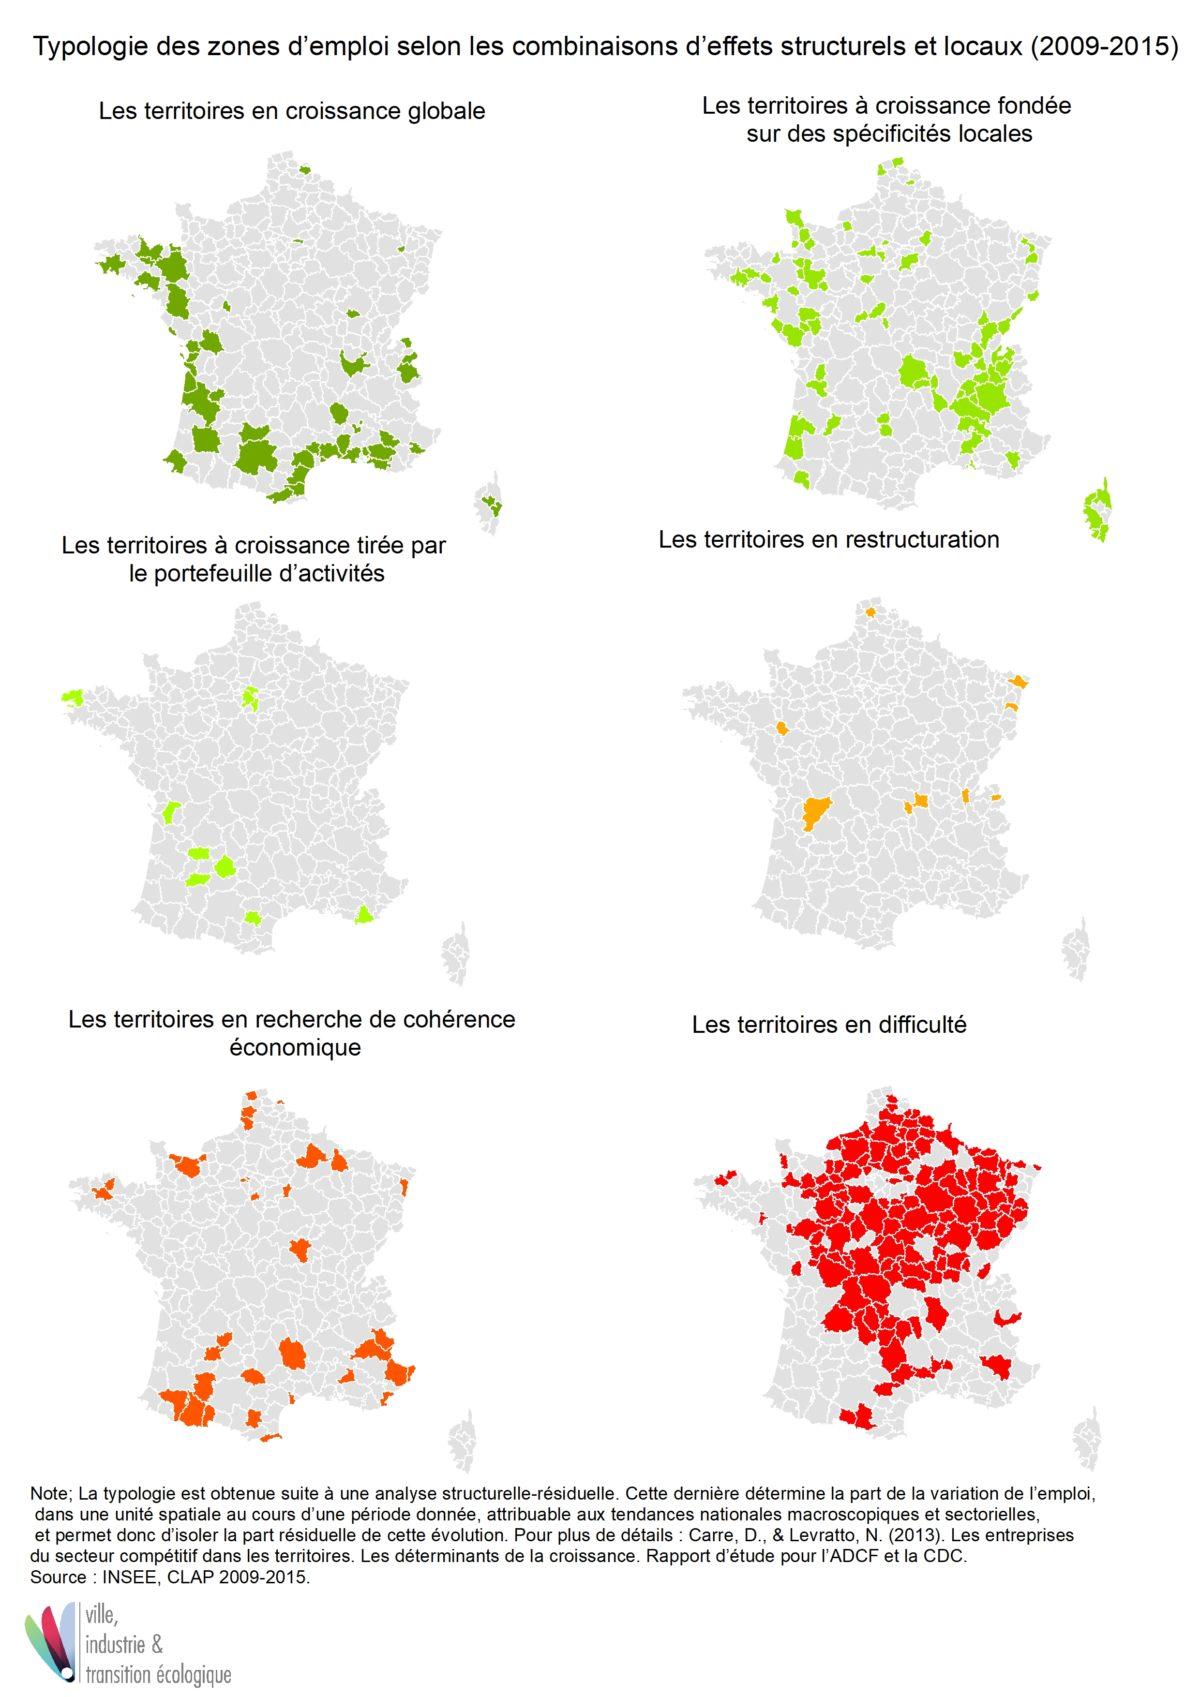 Typologie des zones d'emploi selon les combinaisons d'effets structurels et locaux (2009-2015)